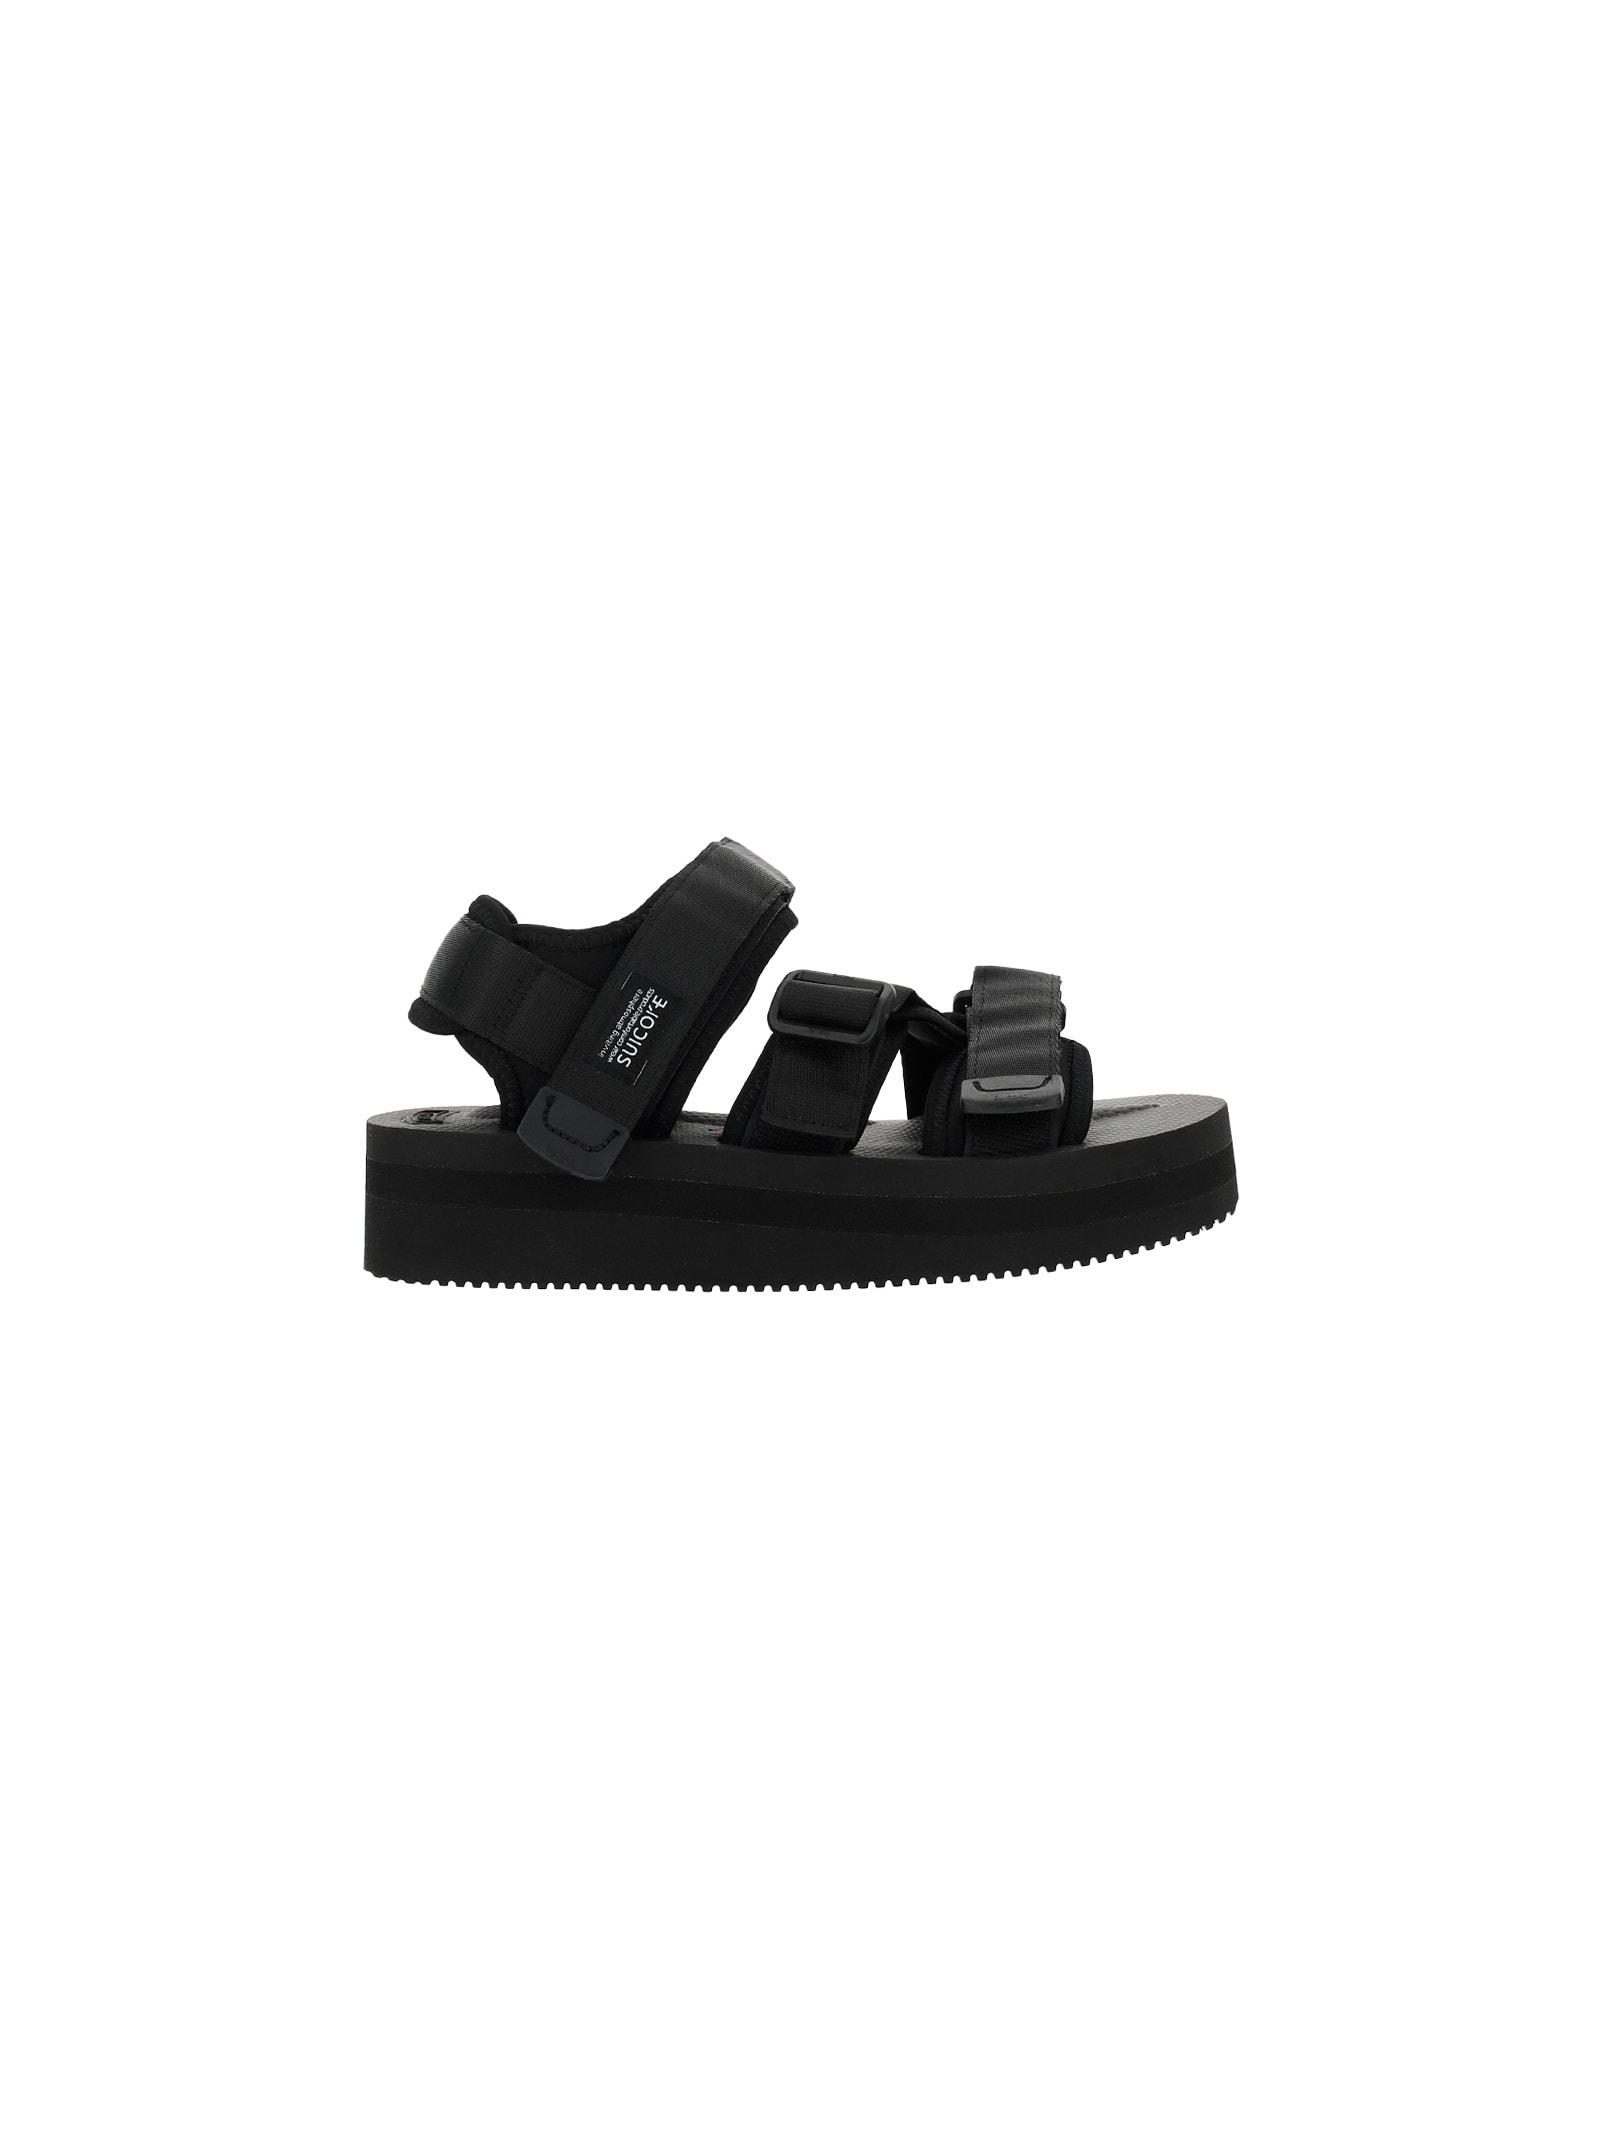 SUICOKE Kisee Vpo Sandals